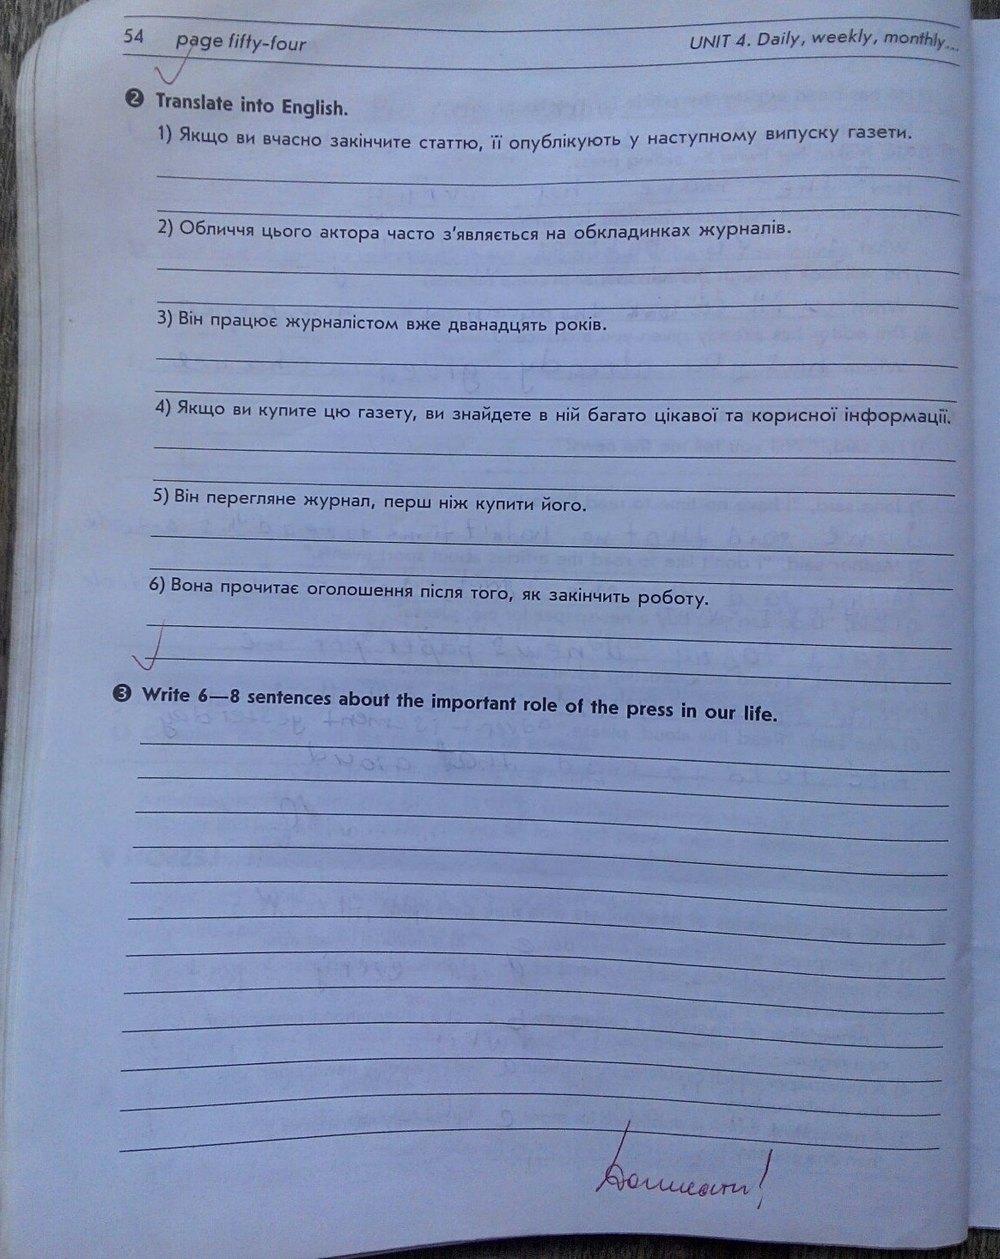 ГДЗ відповіді робочий зошит по английскому языку 8 класс О.М. Павліченко. Задание: стр. 54